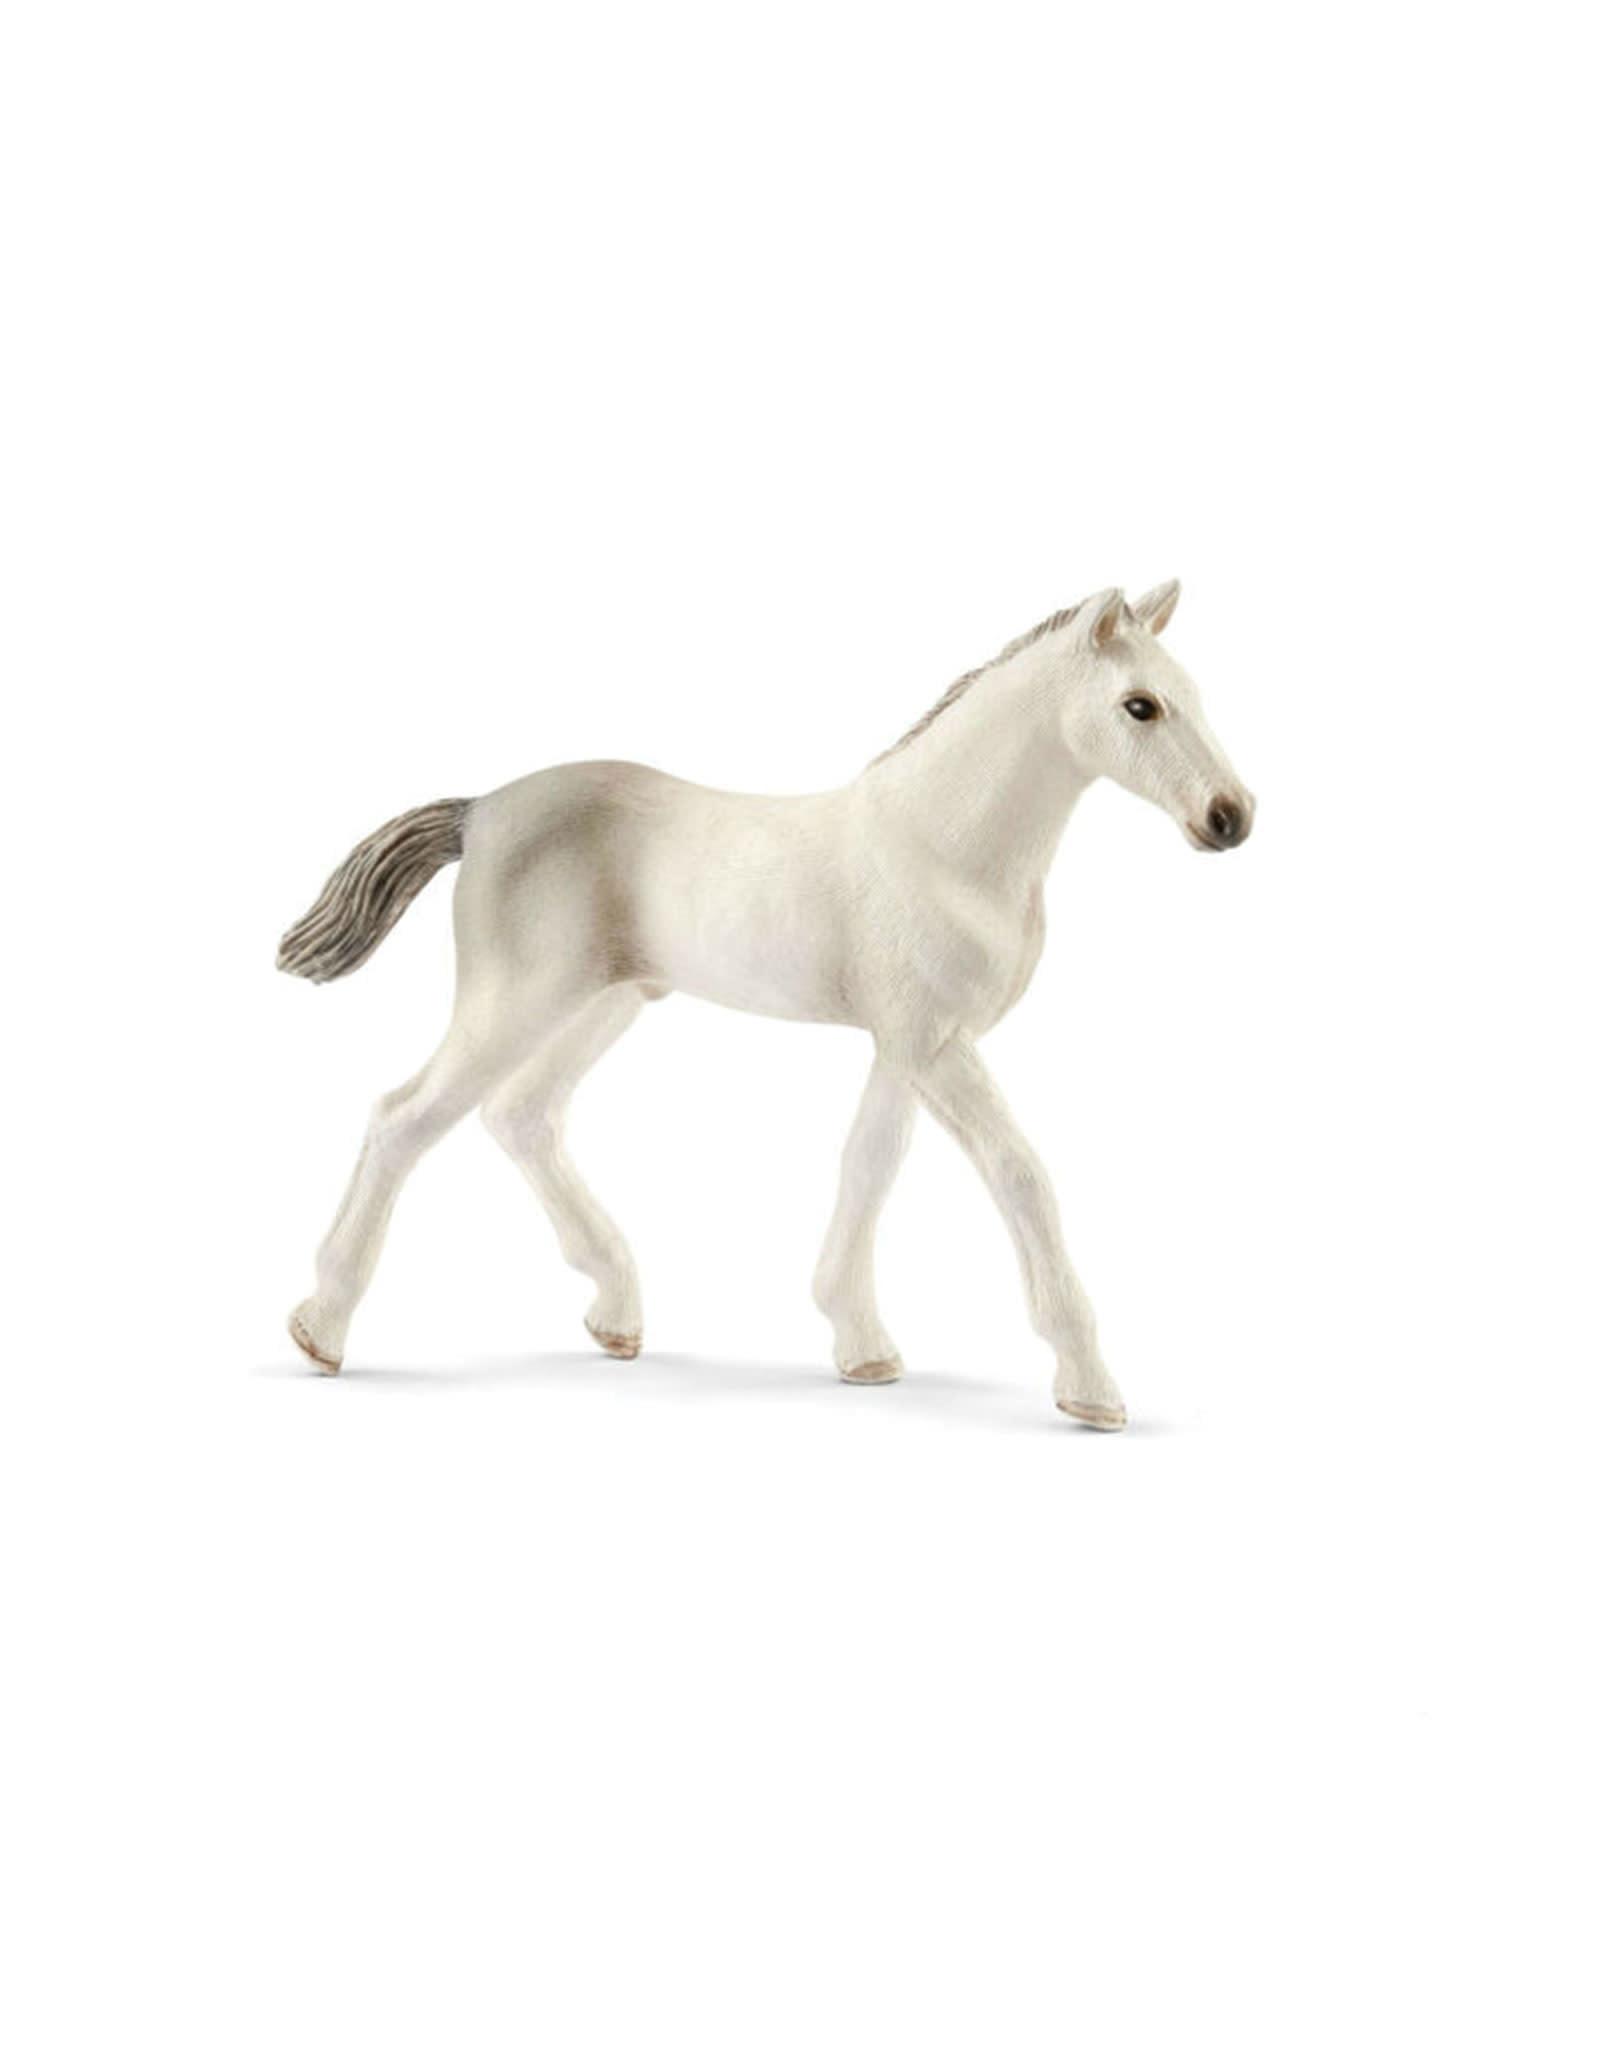 Schleich Horse - Holsteiner Foal